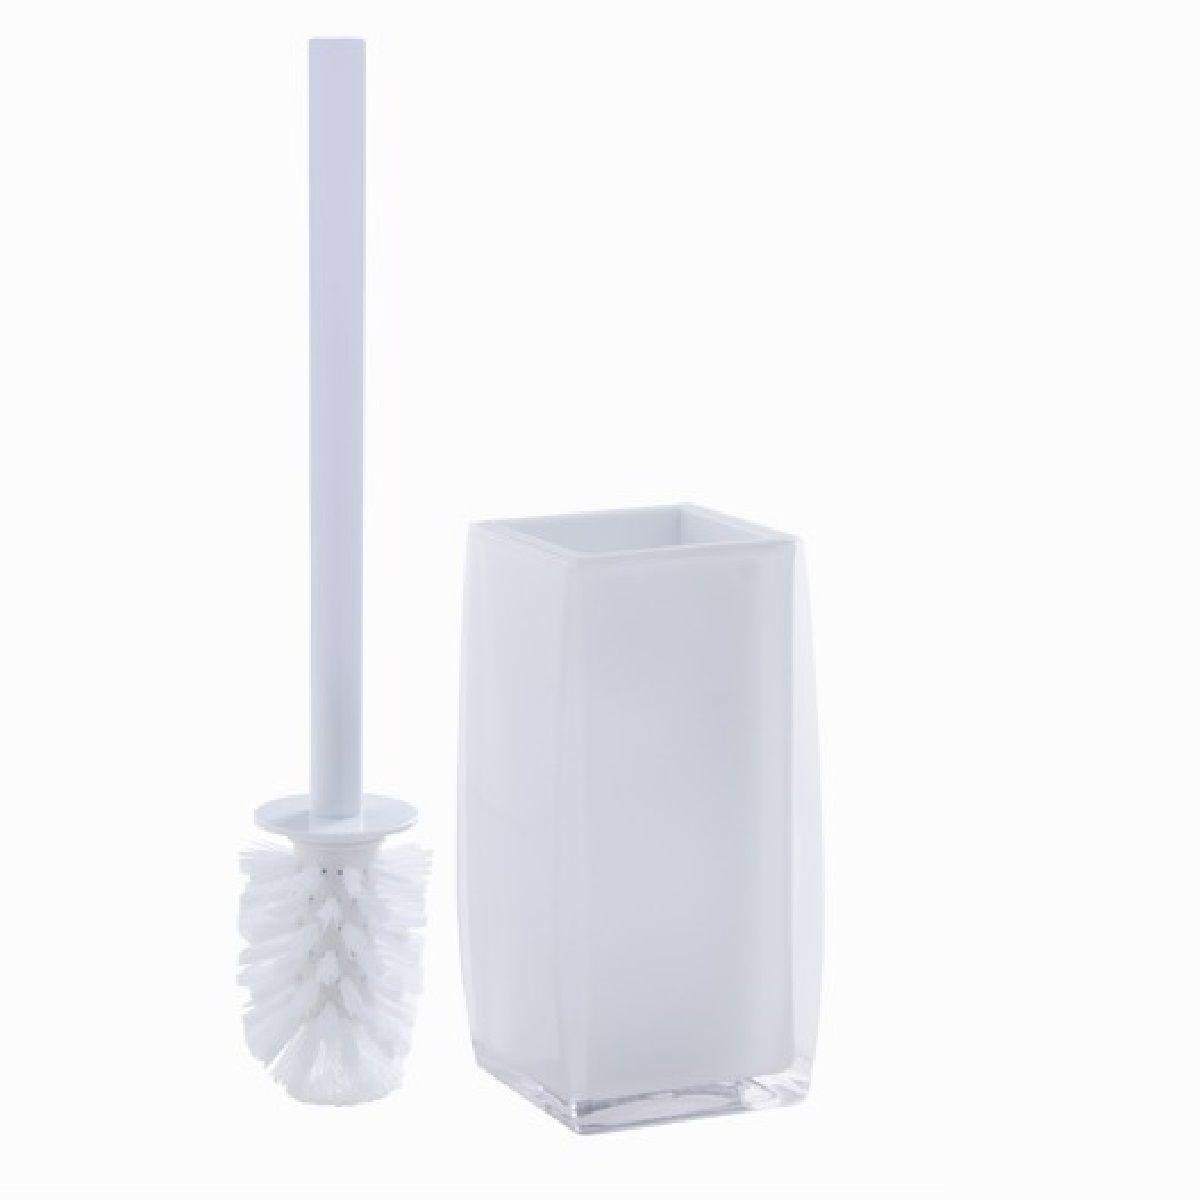 Escova Sanitária Dupla Camada KBB3/ES Astra - Branco